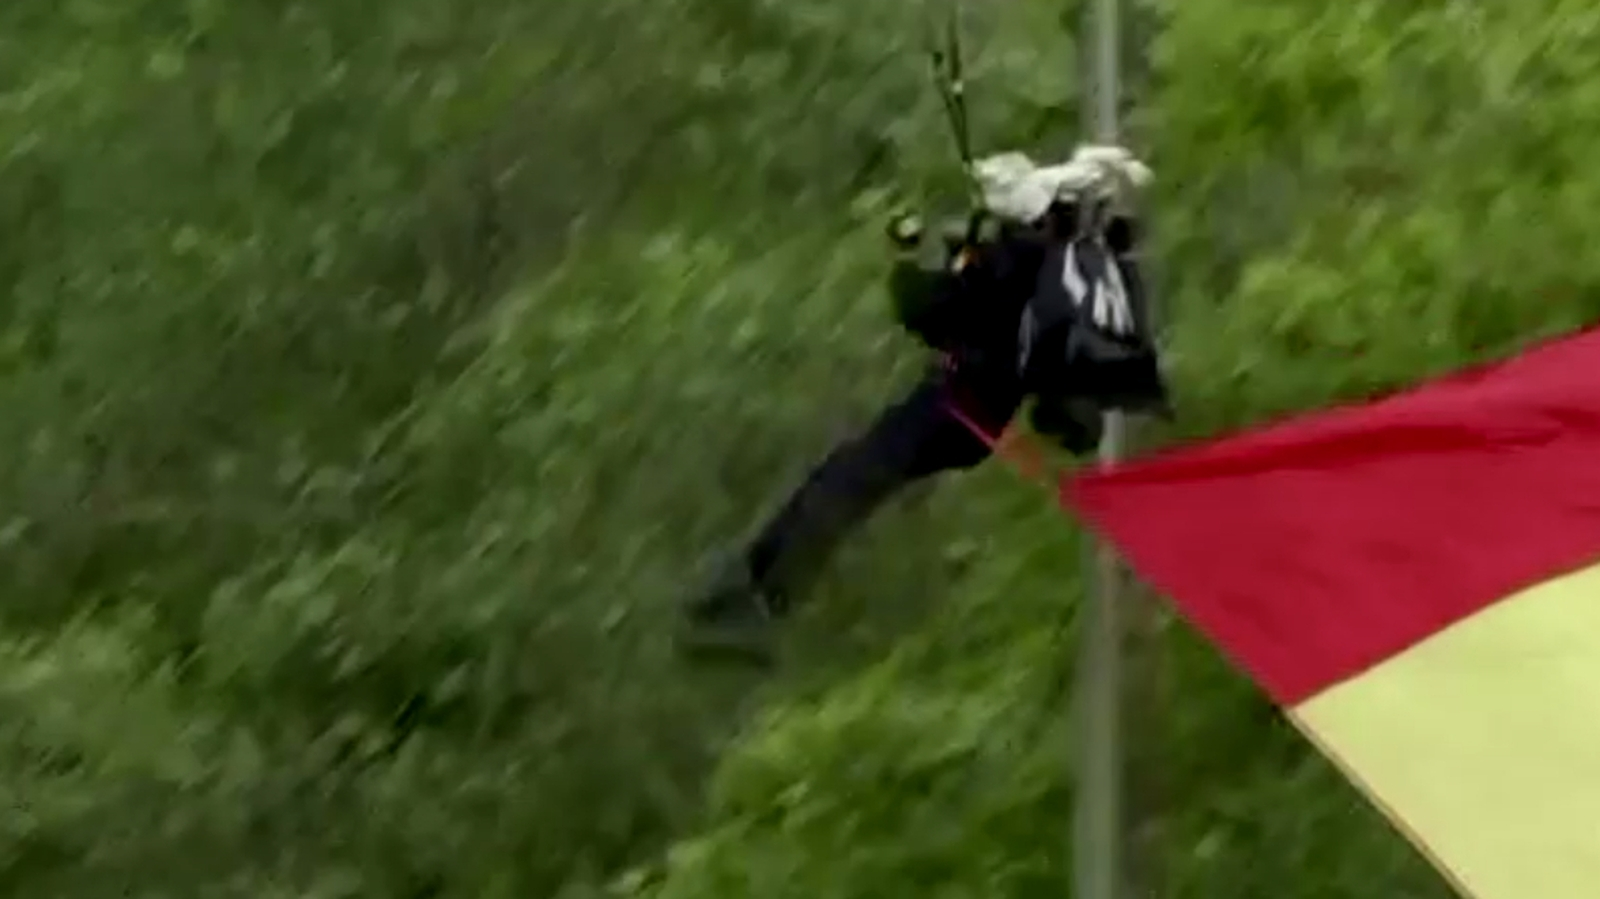 Fennakadt egy lámpaoszlopon a spanyol ejtőernyős a nemzeti parádén